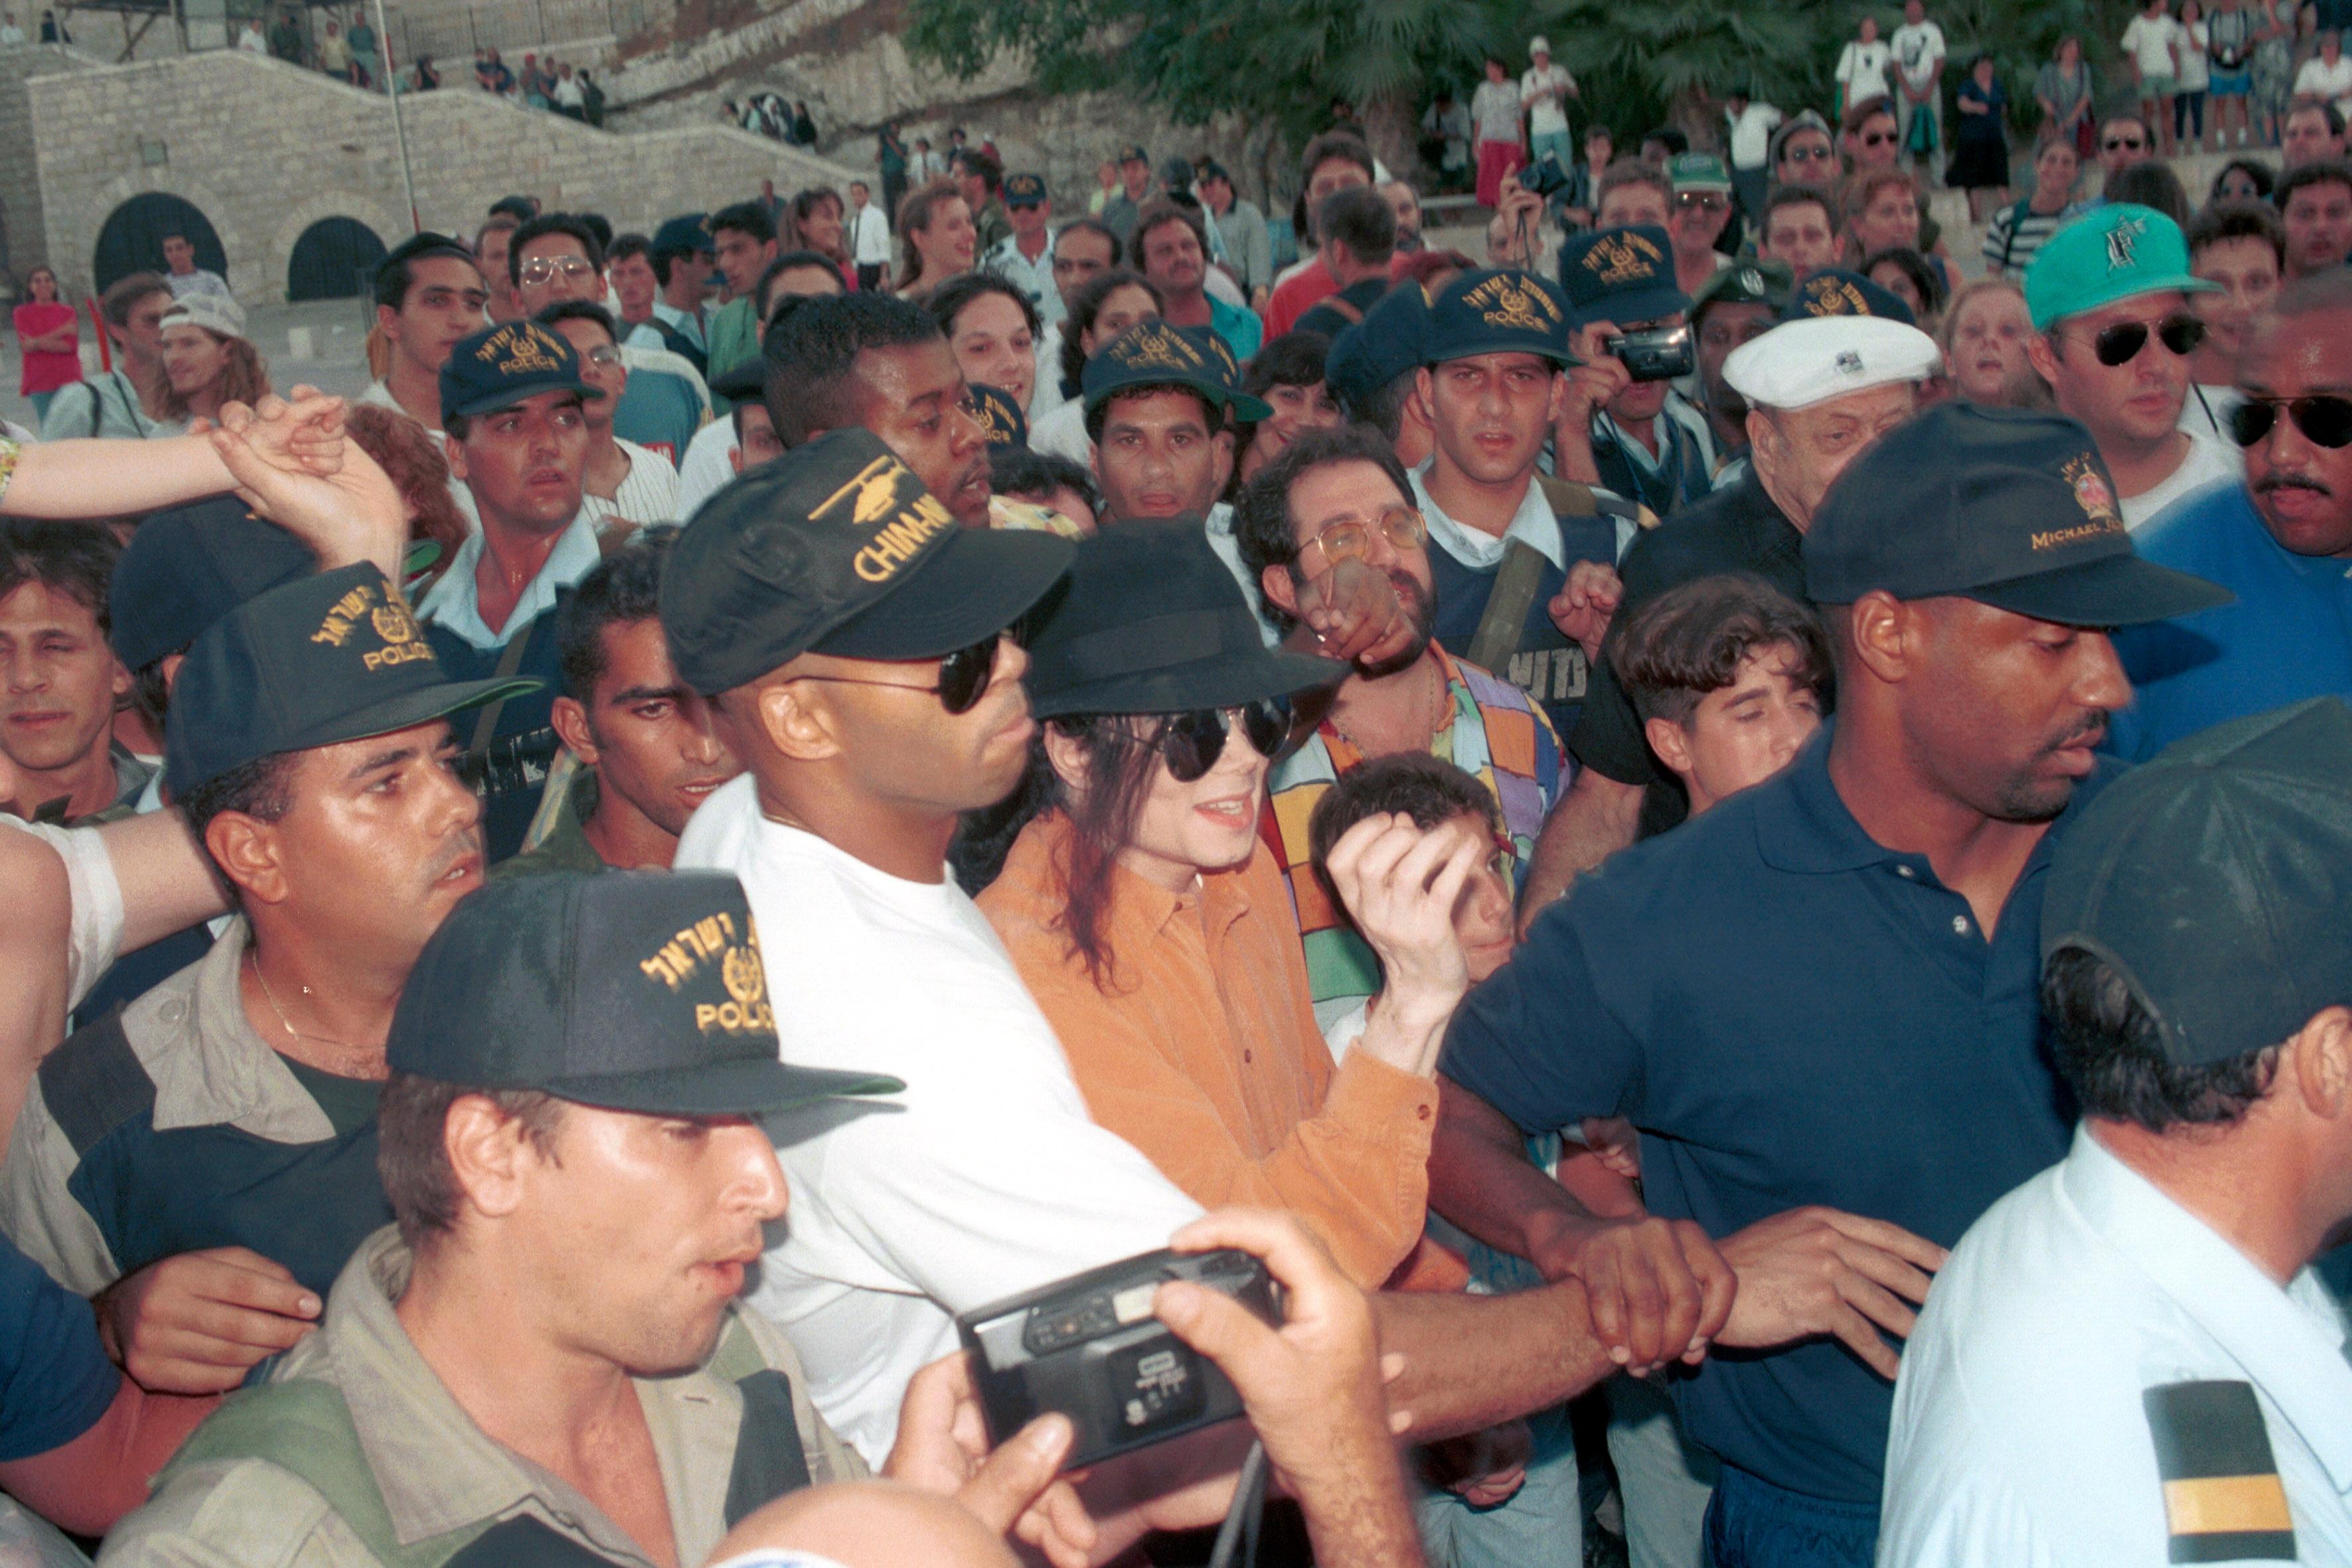 Майкл Джексон в Израиле мирового, Единственный, больницу, более, посетили, которые, Яркон, Парке, концерта, отыграл, пациентамА, подарки, раздавал, раком, больных, детскую, визит, МасадеПосетил, Иерусалиме, экскурсии